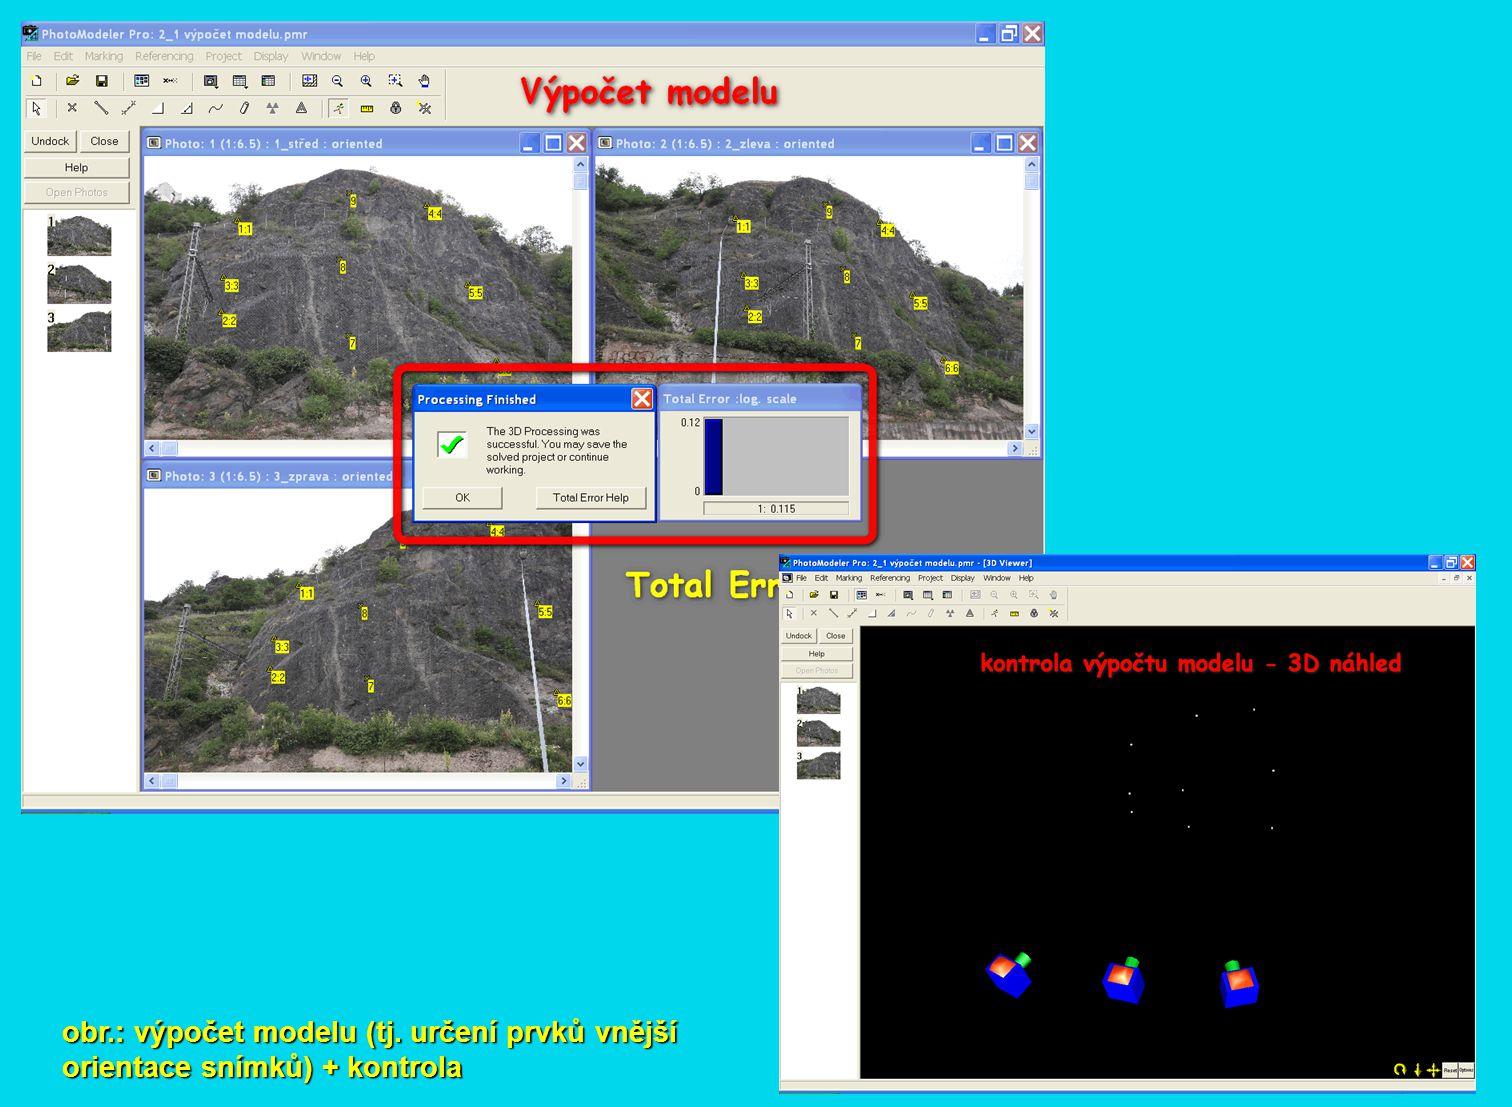 obr.: výpočet modelu (tj. určení prvků vnější orientace snímků) + kontrola